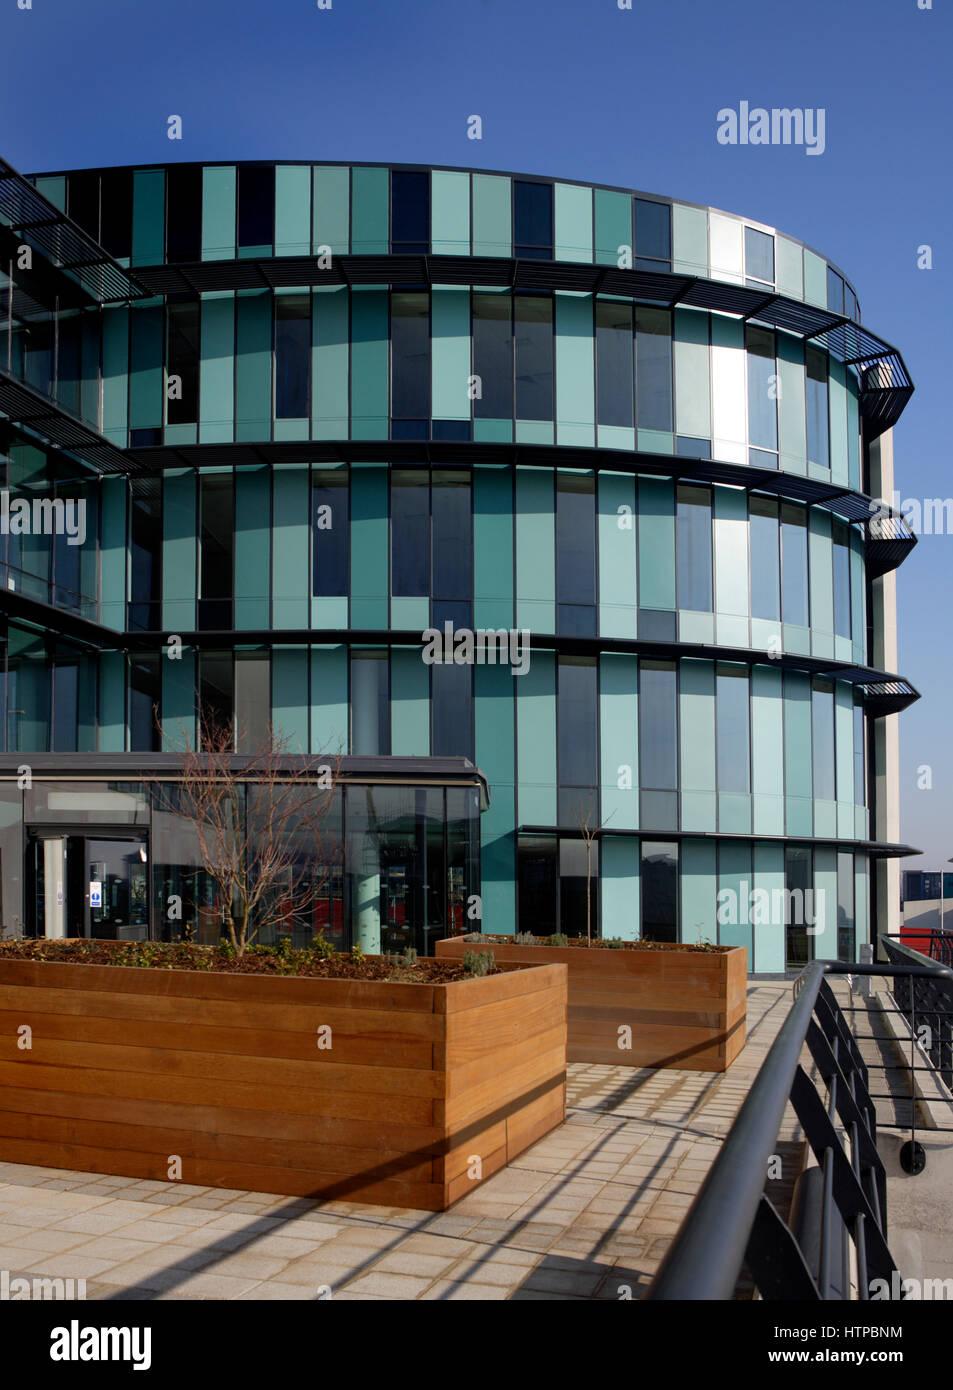 Ellipse Building à Swansea, West Glamorgan, Pays de Galles, Royaume-Uni Photo Stock